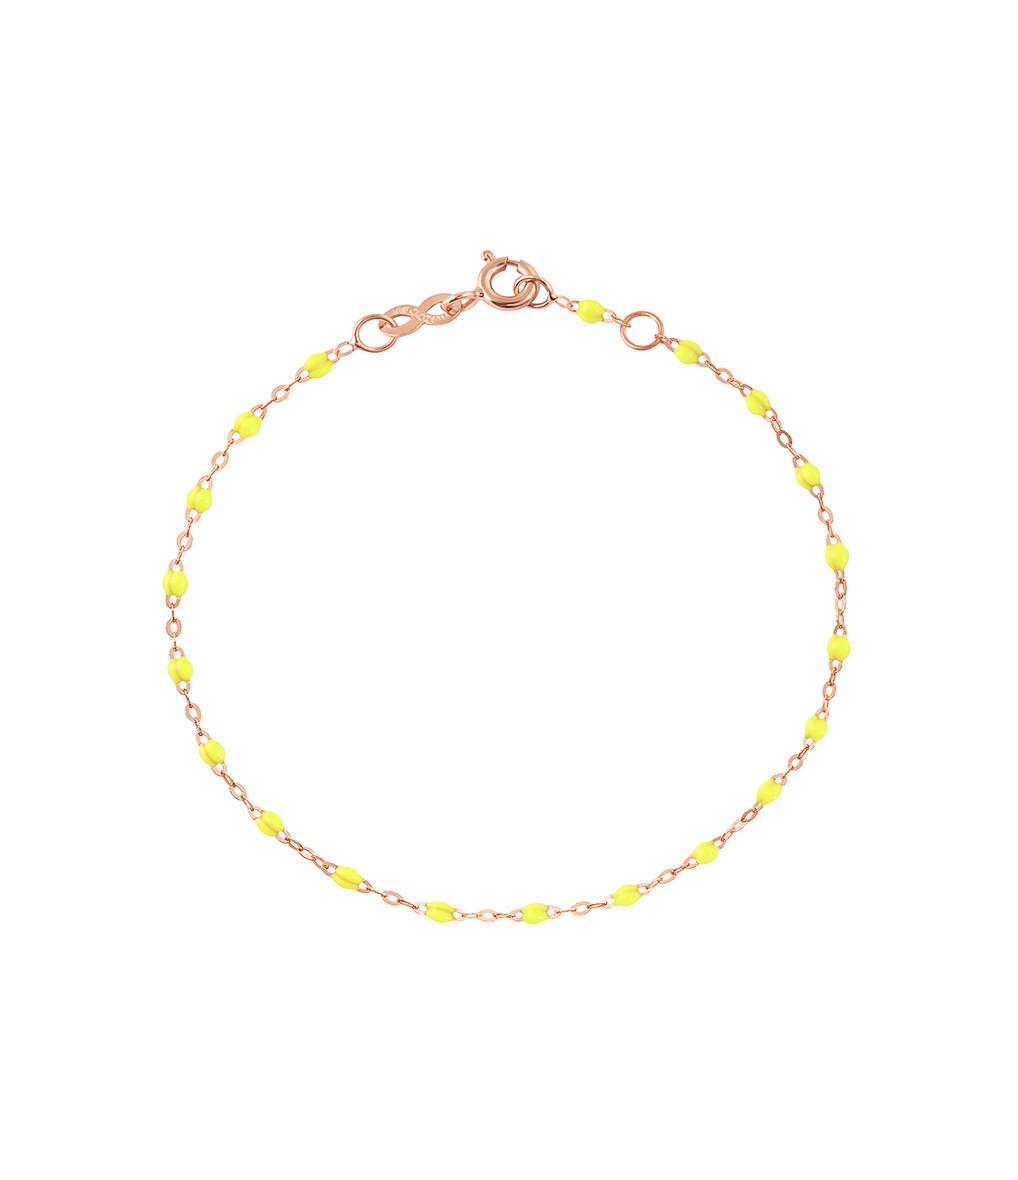 Bracelet Perles Résine Enfant/ bébé - GIGI CLOZEAU